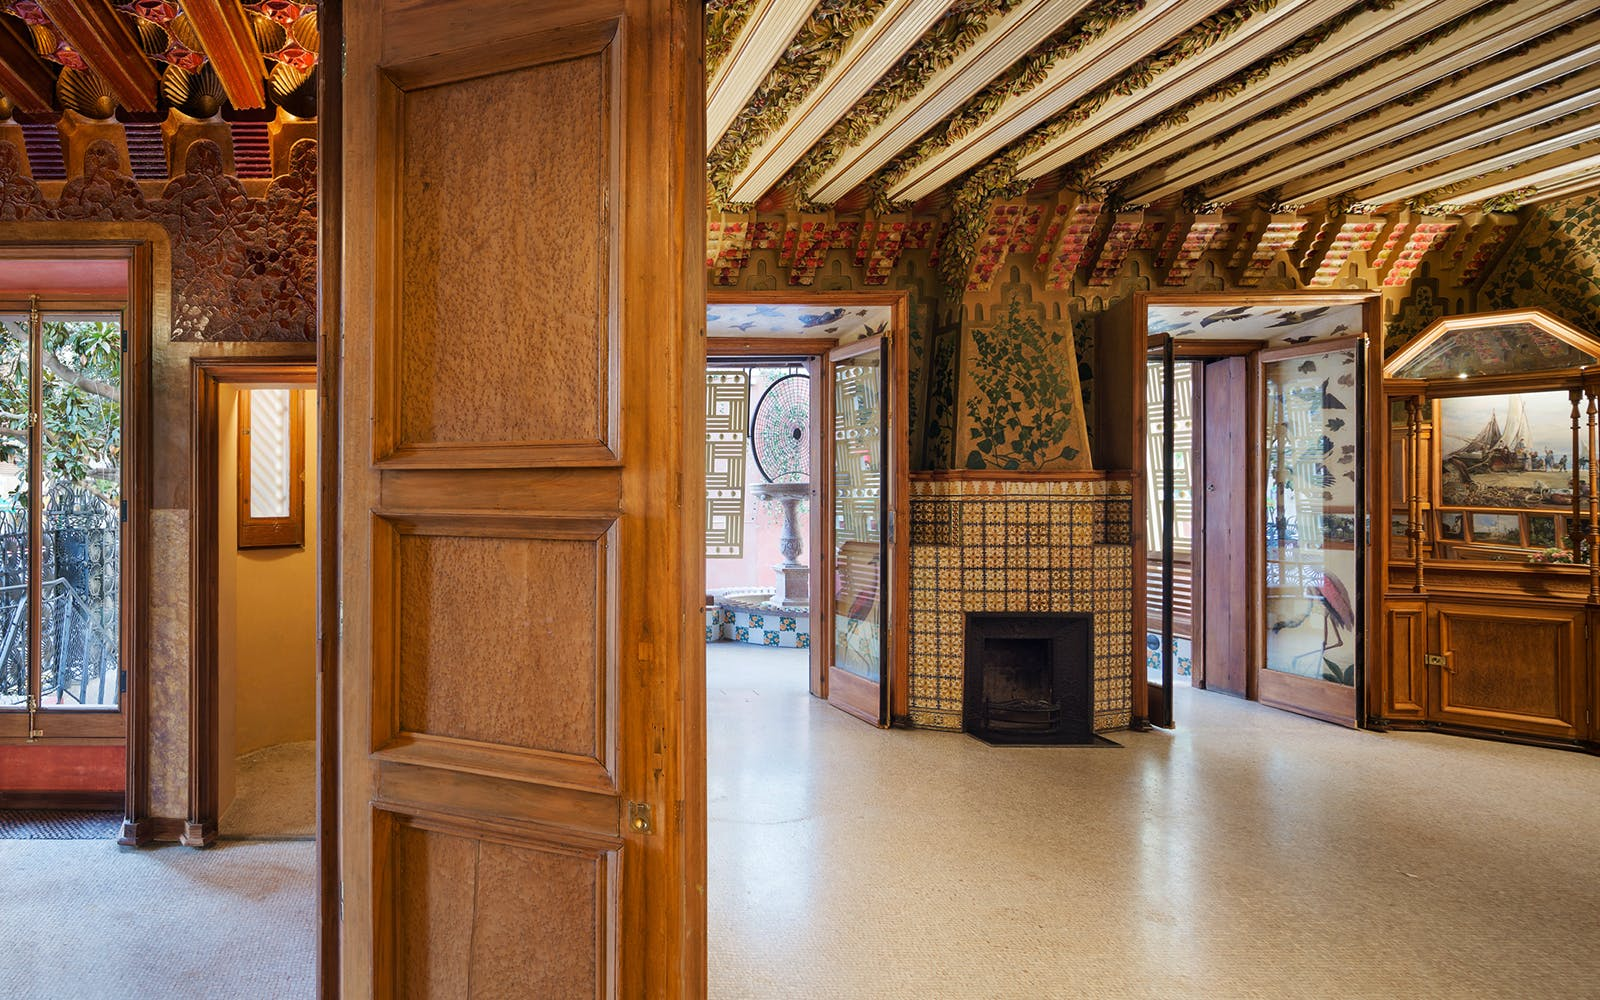 Casa Vicens Dining Room